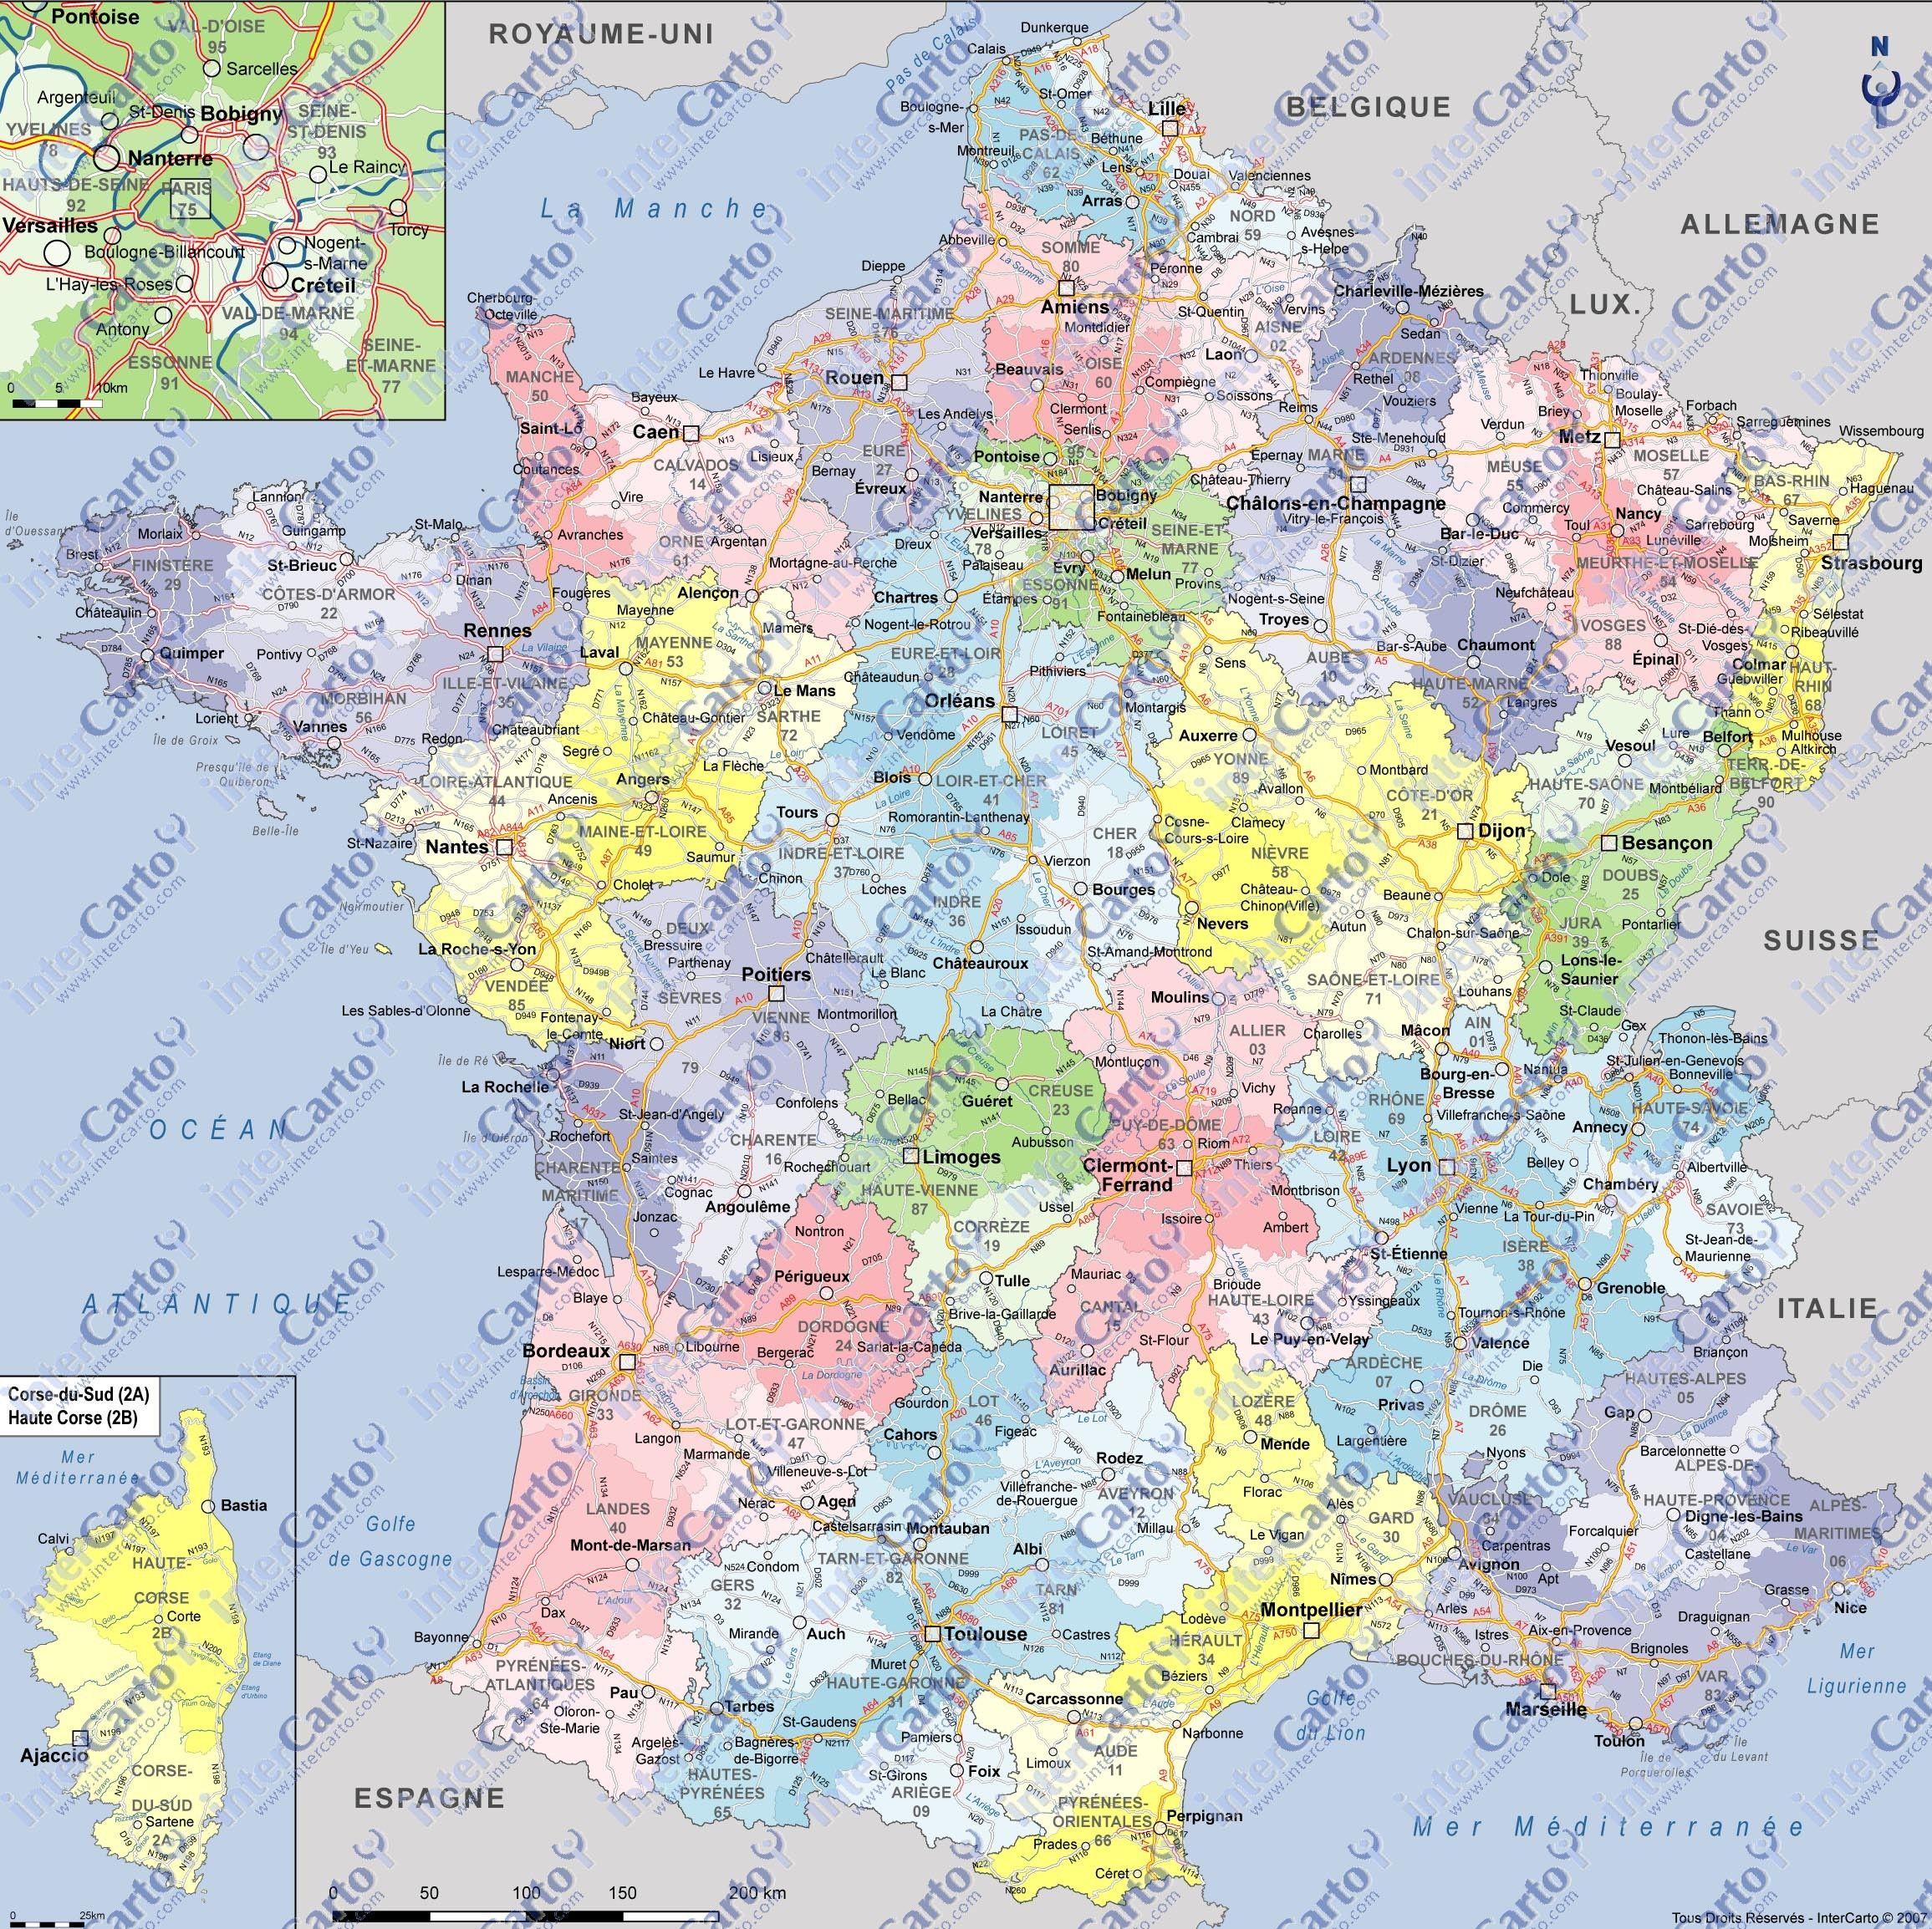 carte de france département et ville Useful if cluttered large map | Carte de france département, Carte